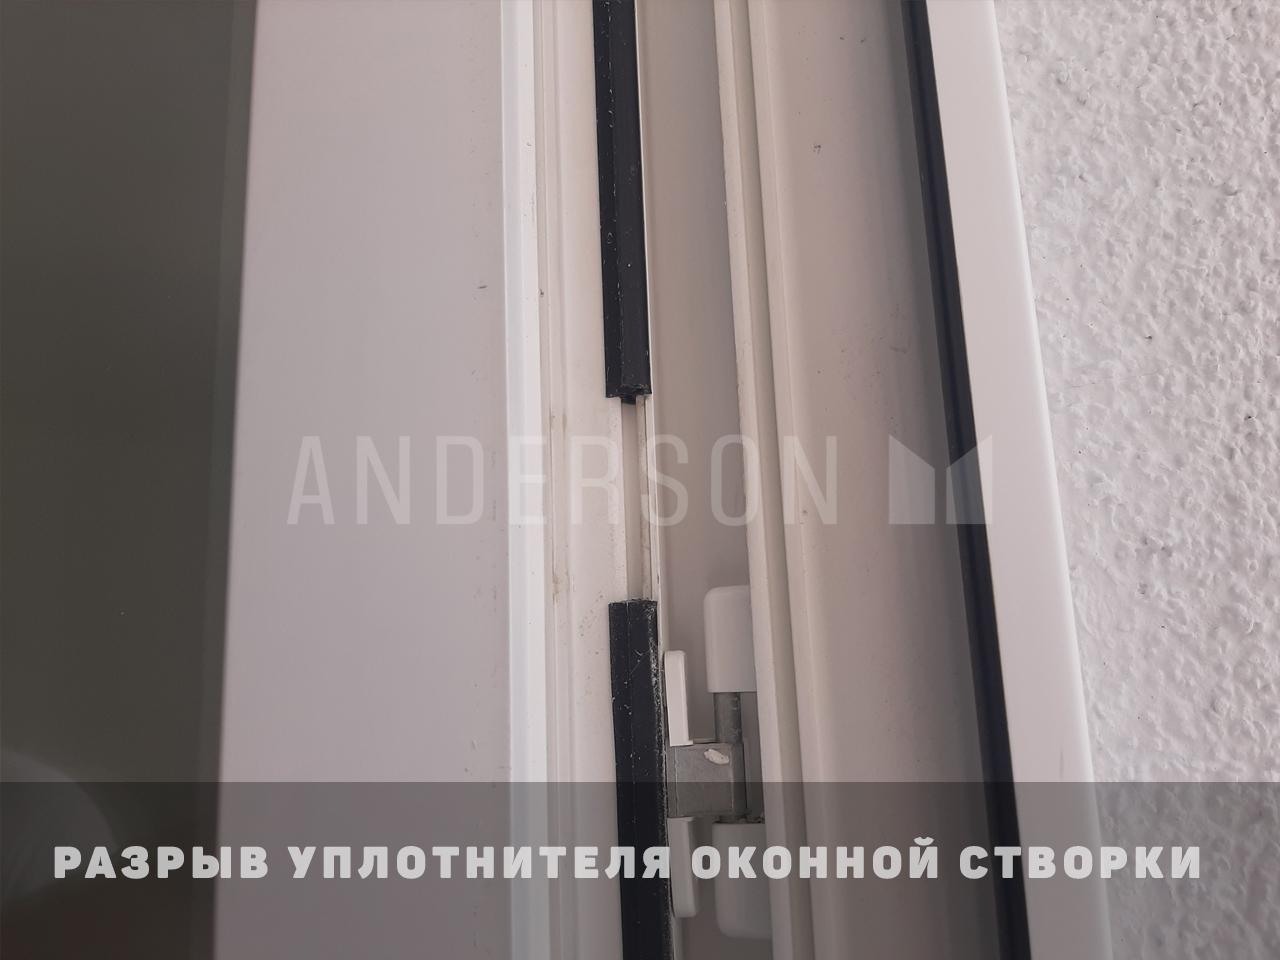 разрыв уплотнителя створки окна